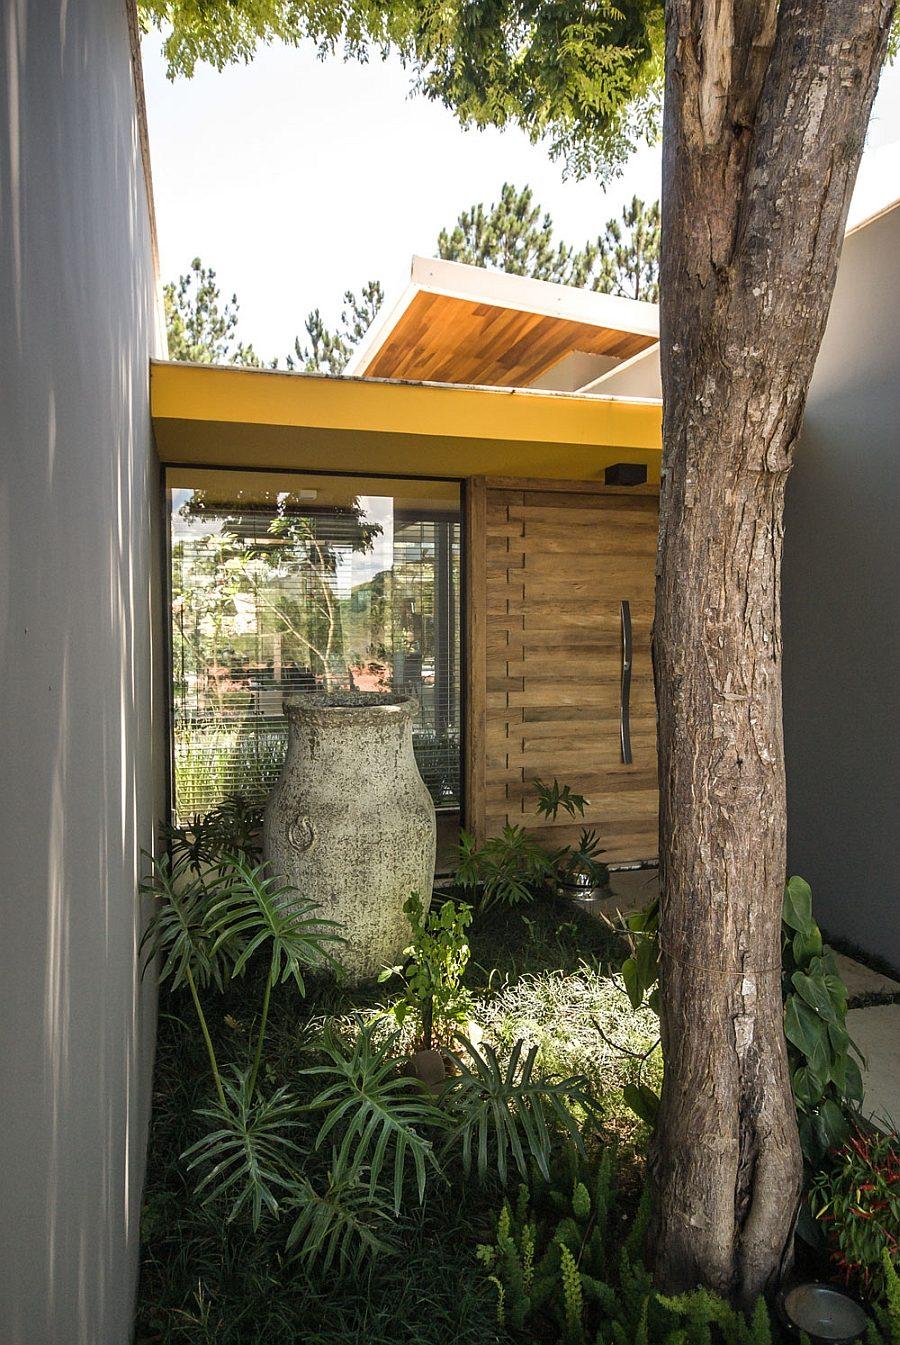 446 Thiết kế nhà ở hiện đại nhưng vẫn phù hợp với cảnh quan qpdesign